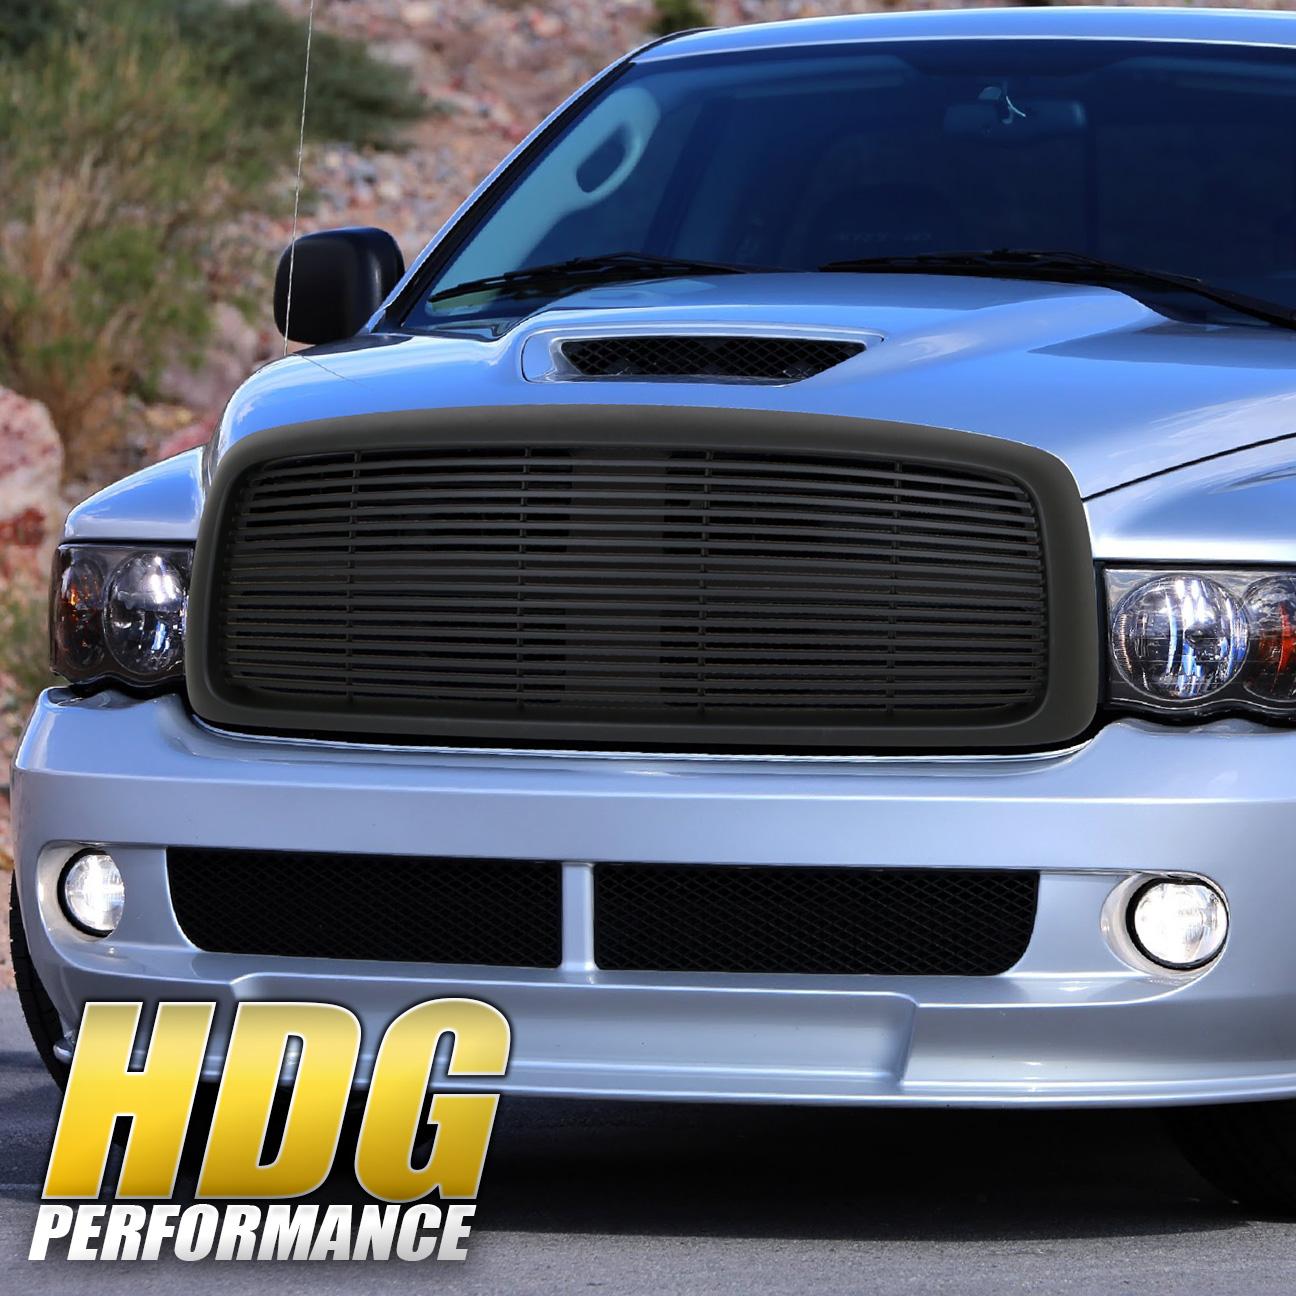 05 Dodge Ram: For 02 03 04 05 Dodge Ram 1500 2500 3500 Black Front